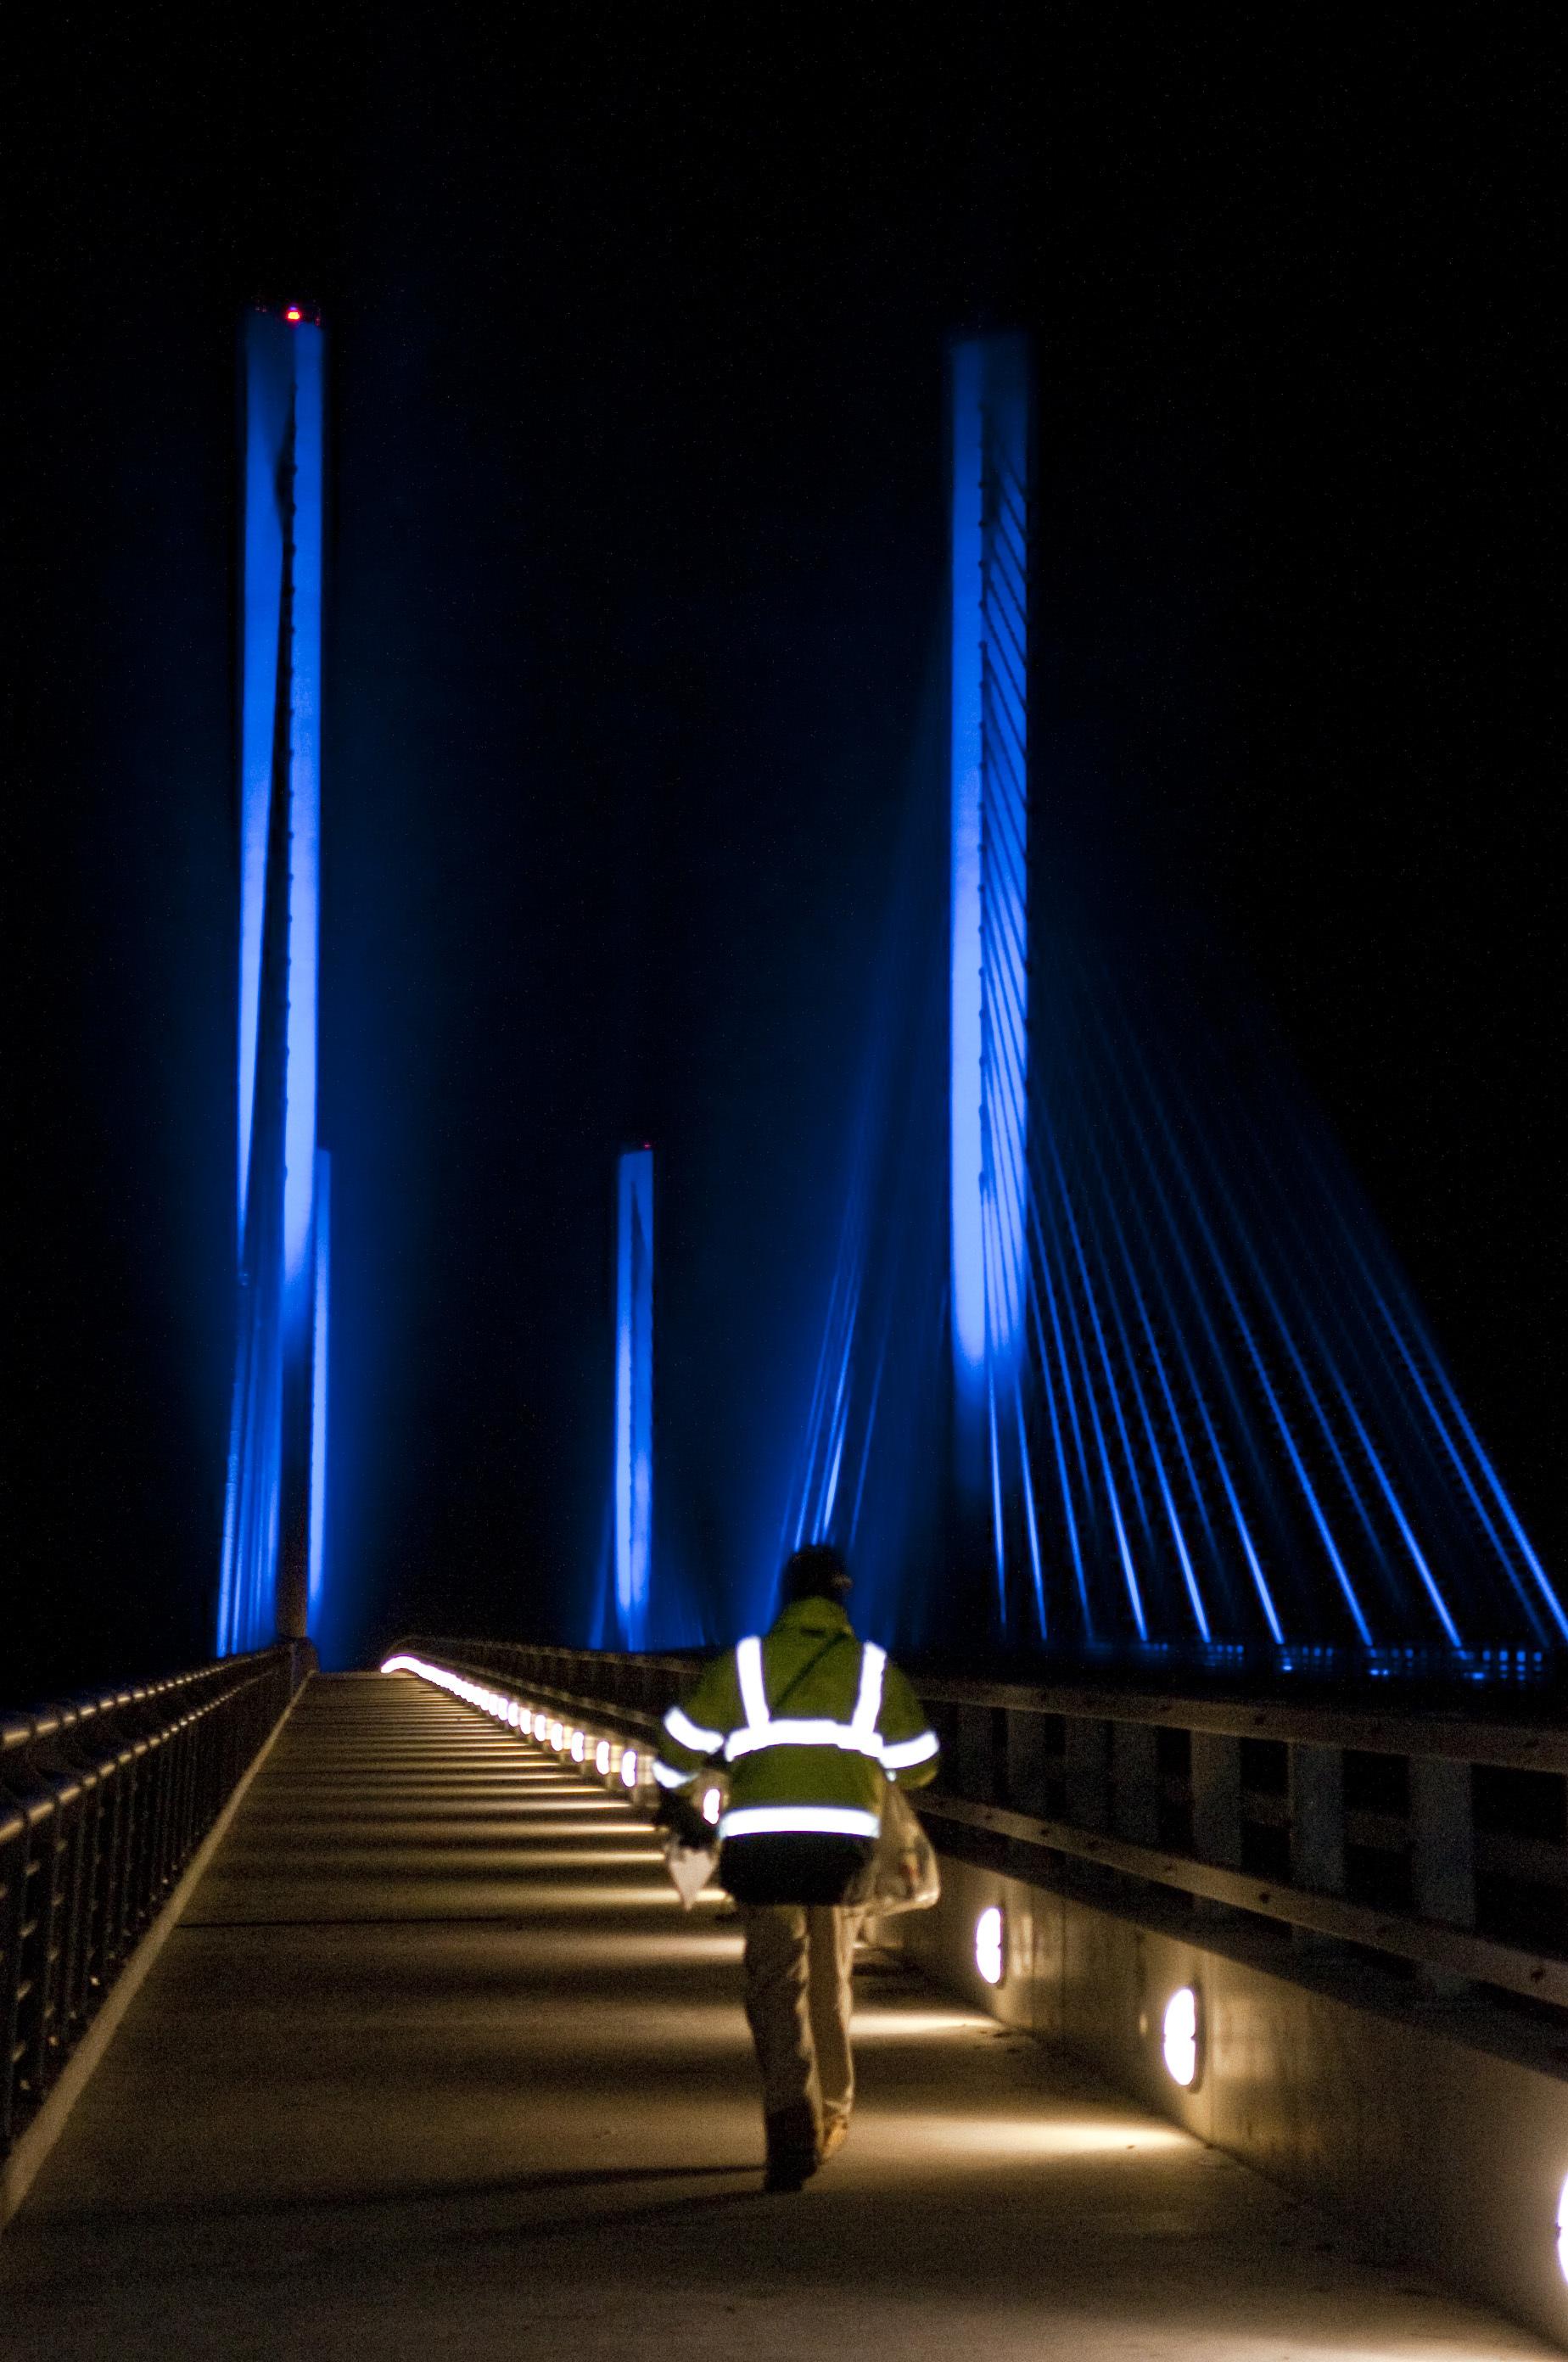 Indian River Inlet Bridge at night